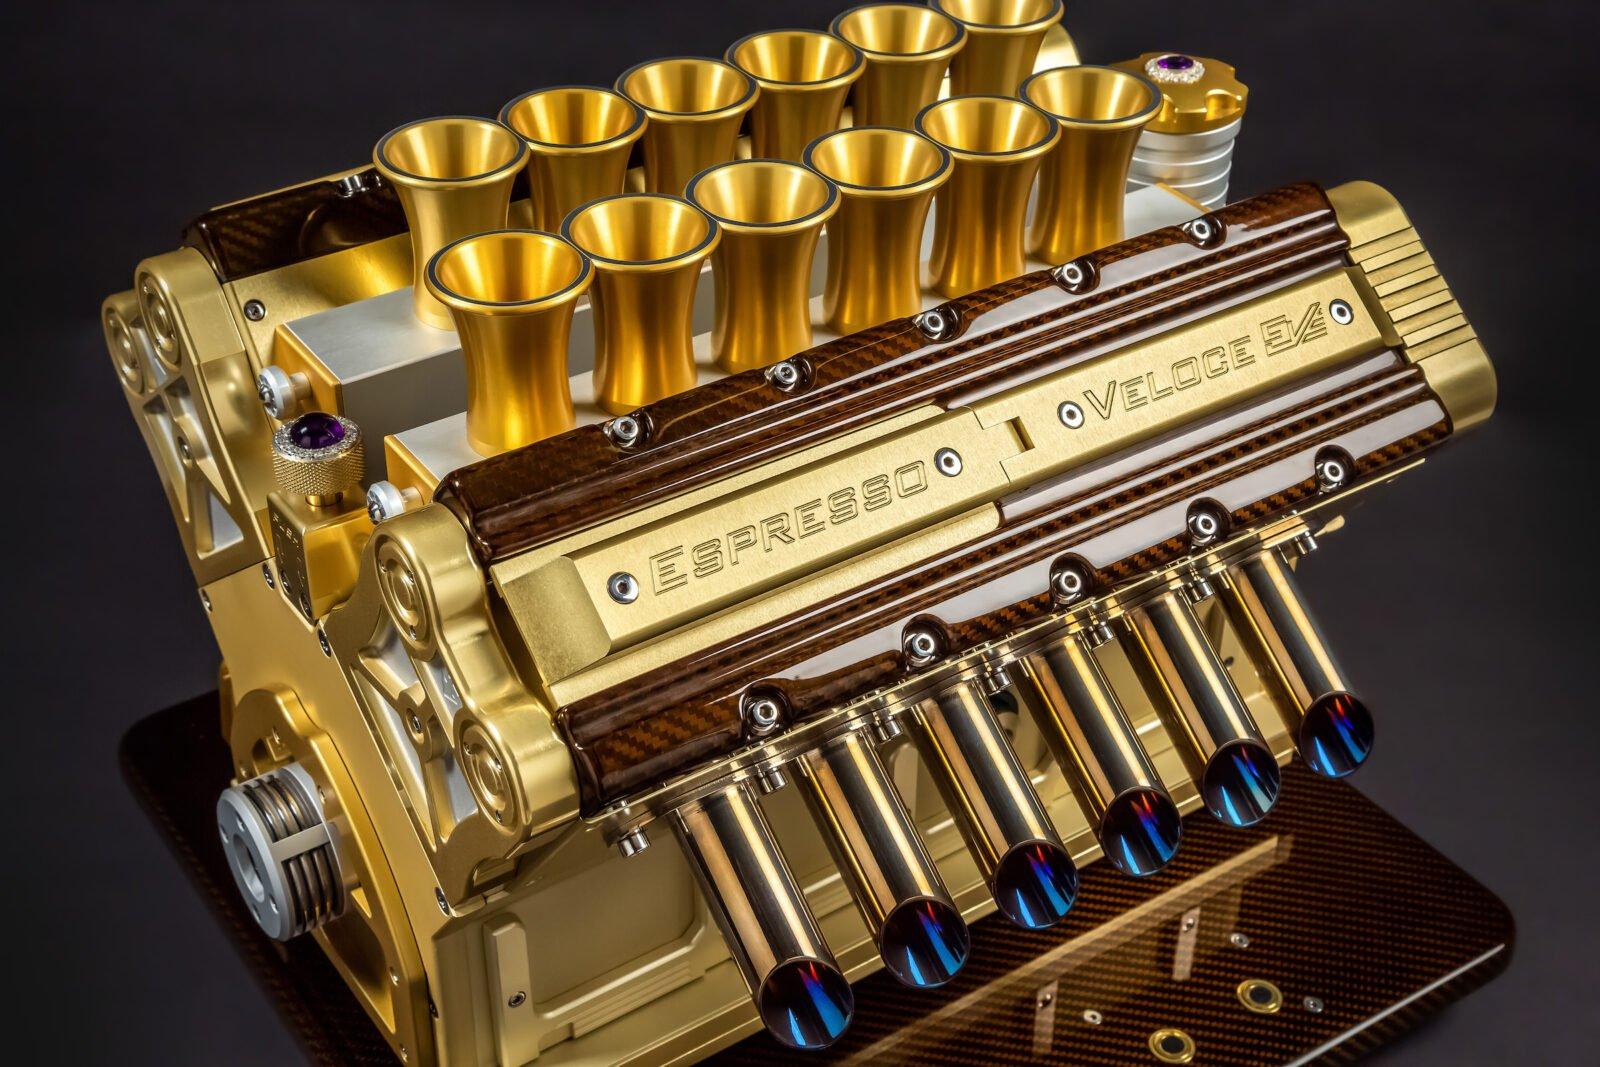 Espresso Veloce Royale - An Espresso Maker